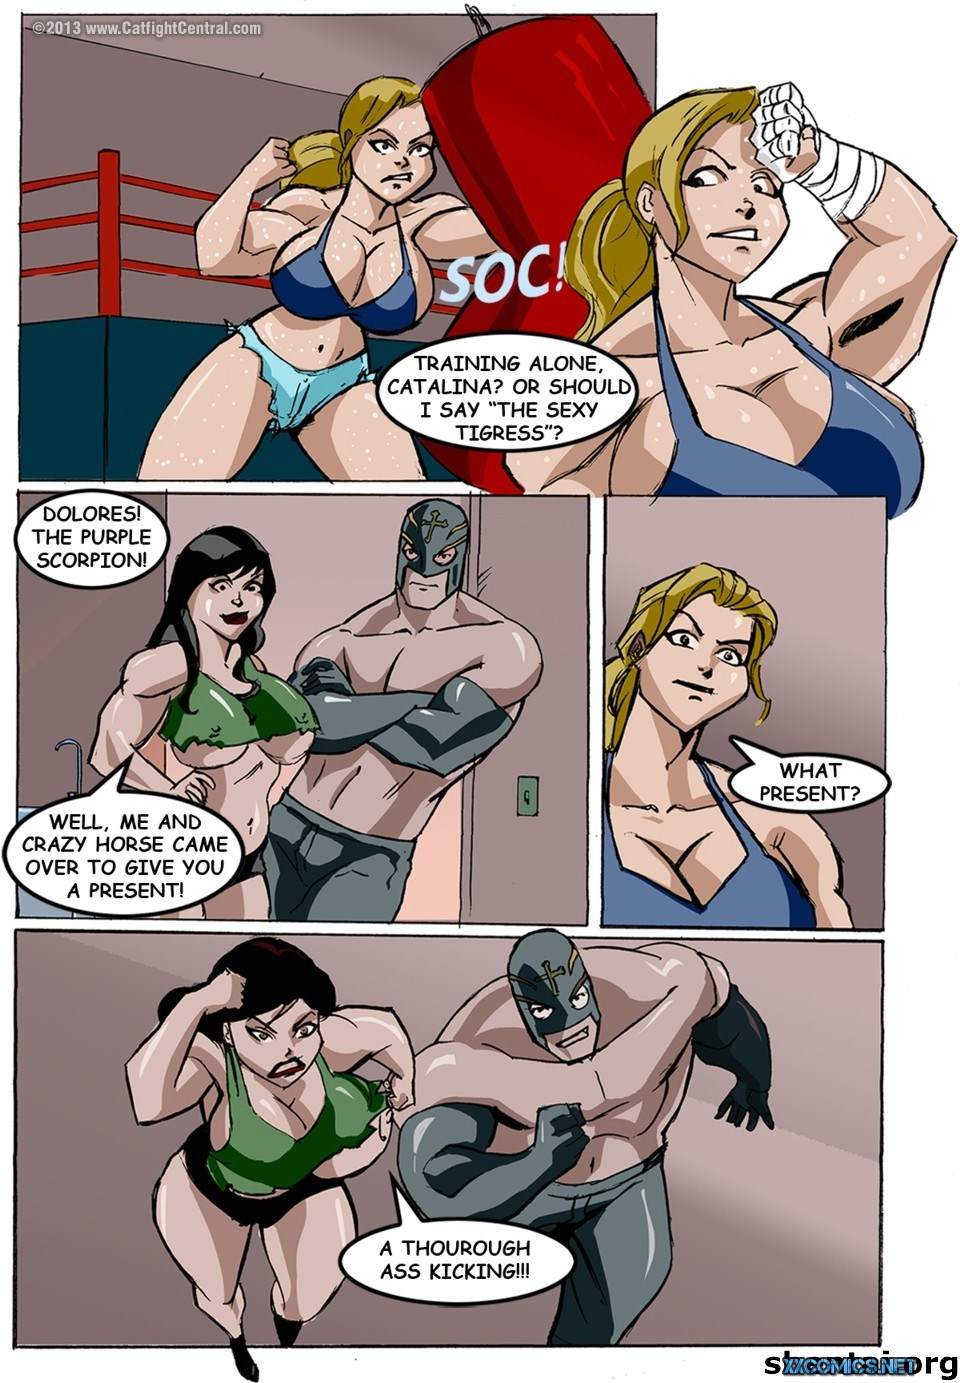 Porn Comics - Lucha Libre XXX Part 4 & 7- Catfight porn comics 8 muses